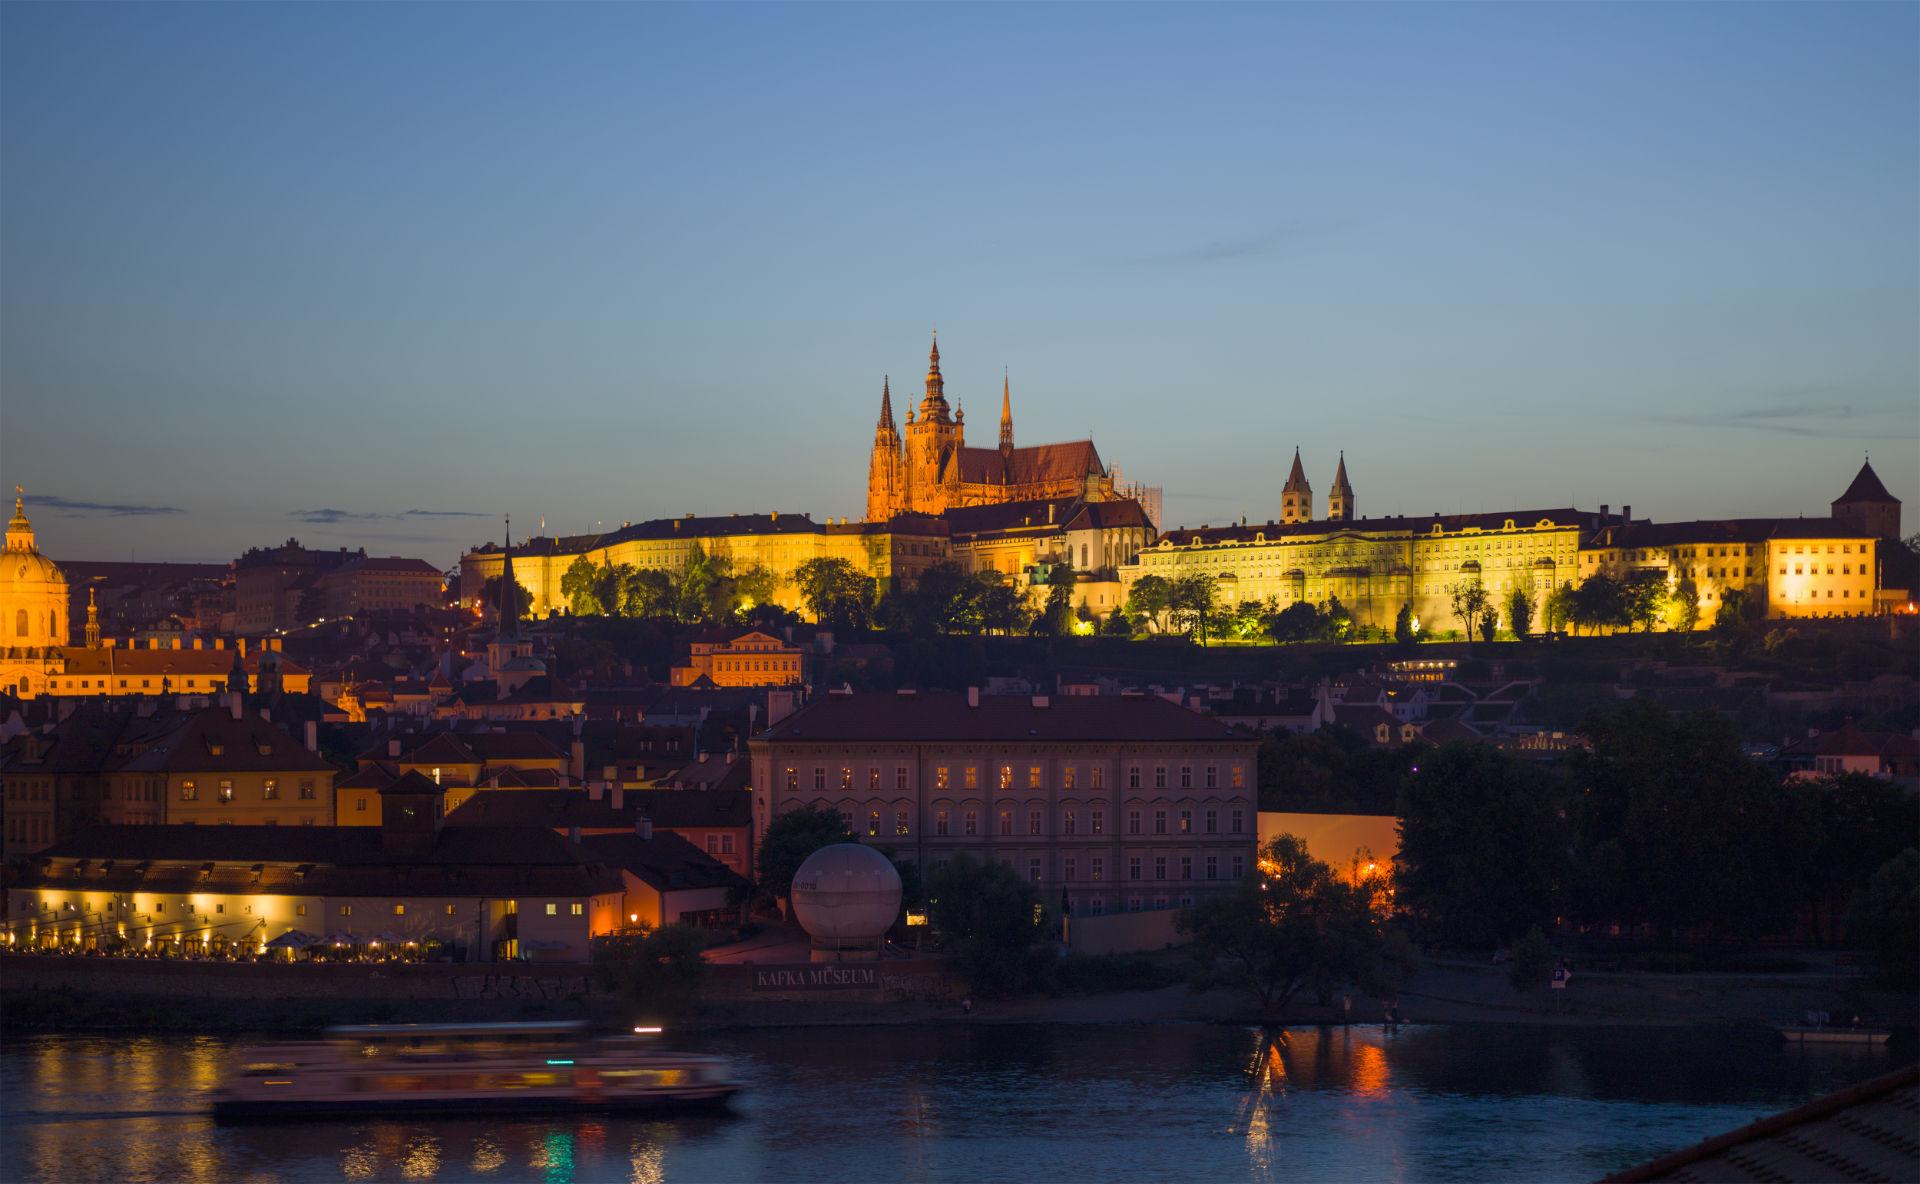 Zu sehen ist das Prager Schloss, Bild: Godot13